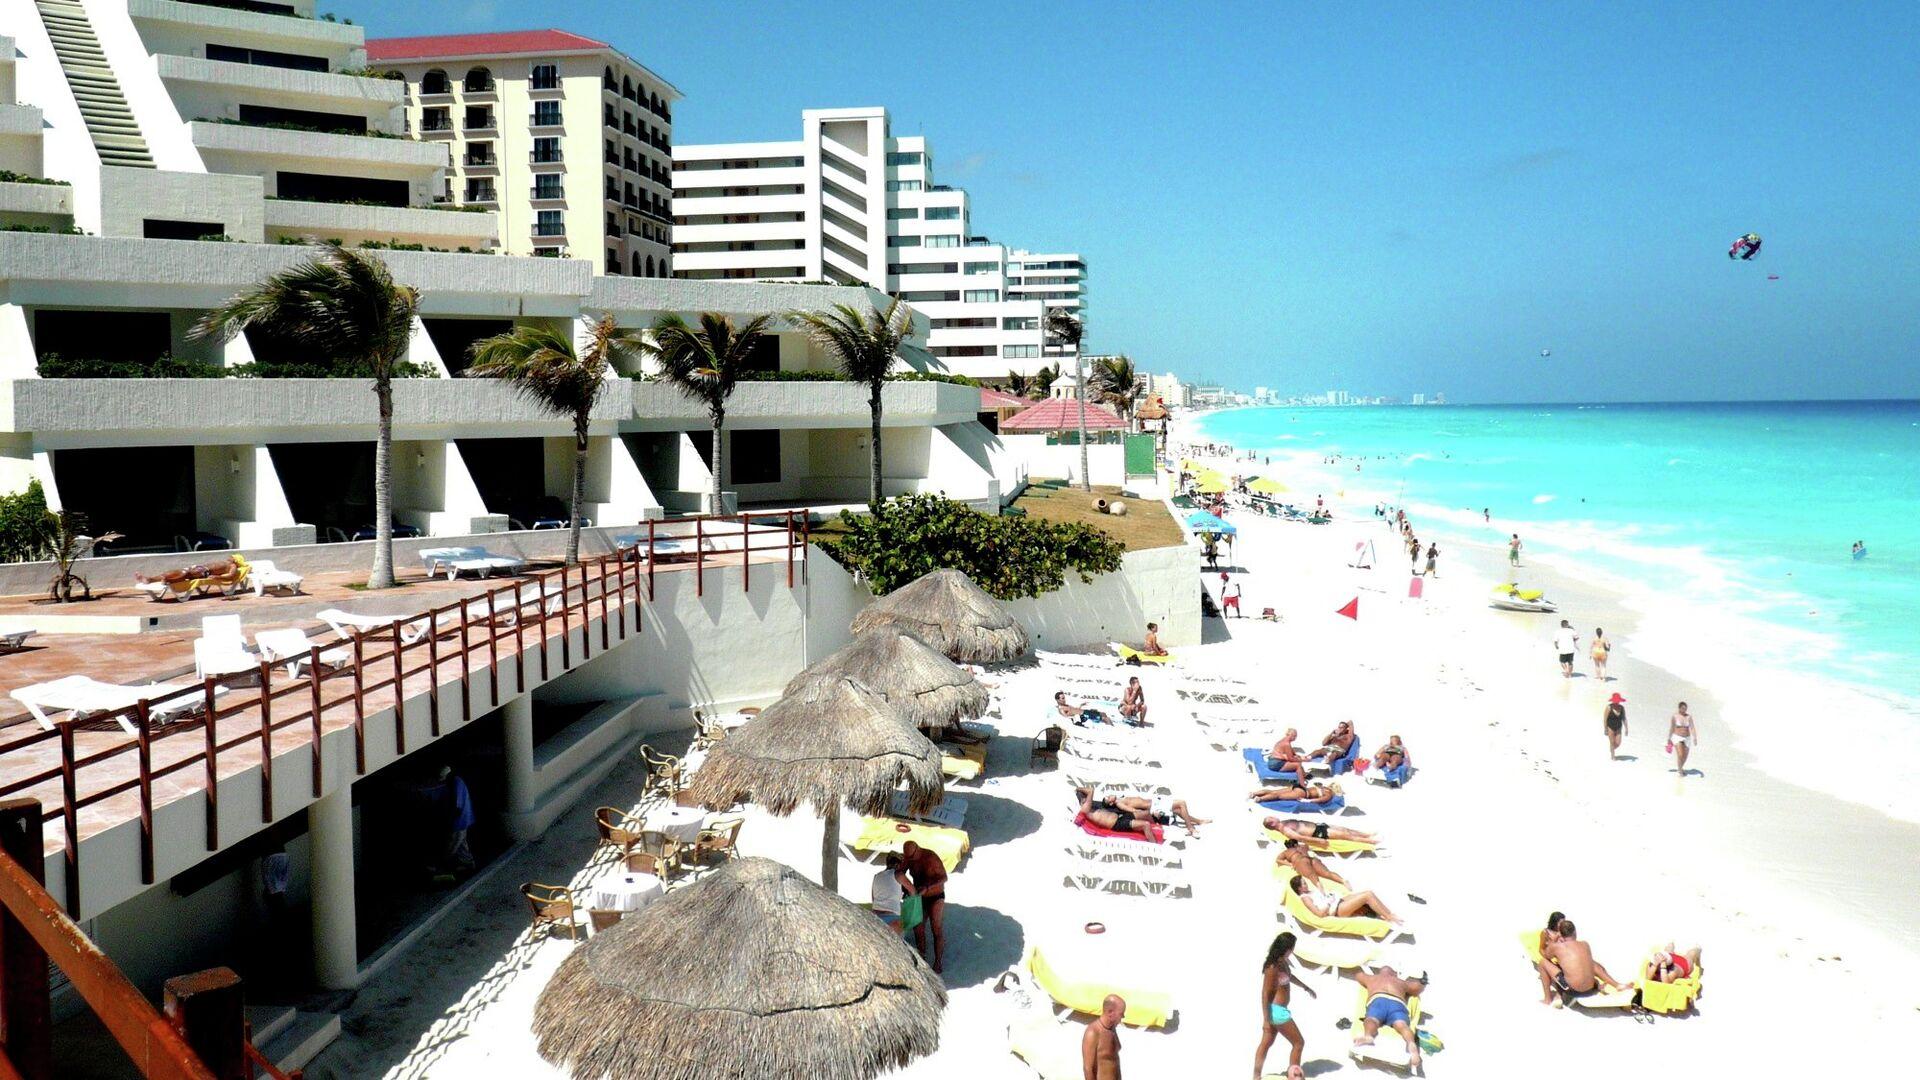 Ciudad turístico Cancun en México - Sputnik Mundo, 1920, 10.03.2021